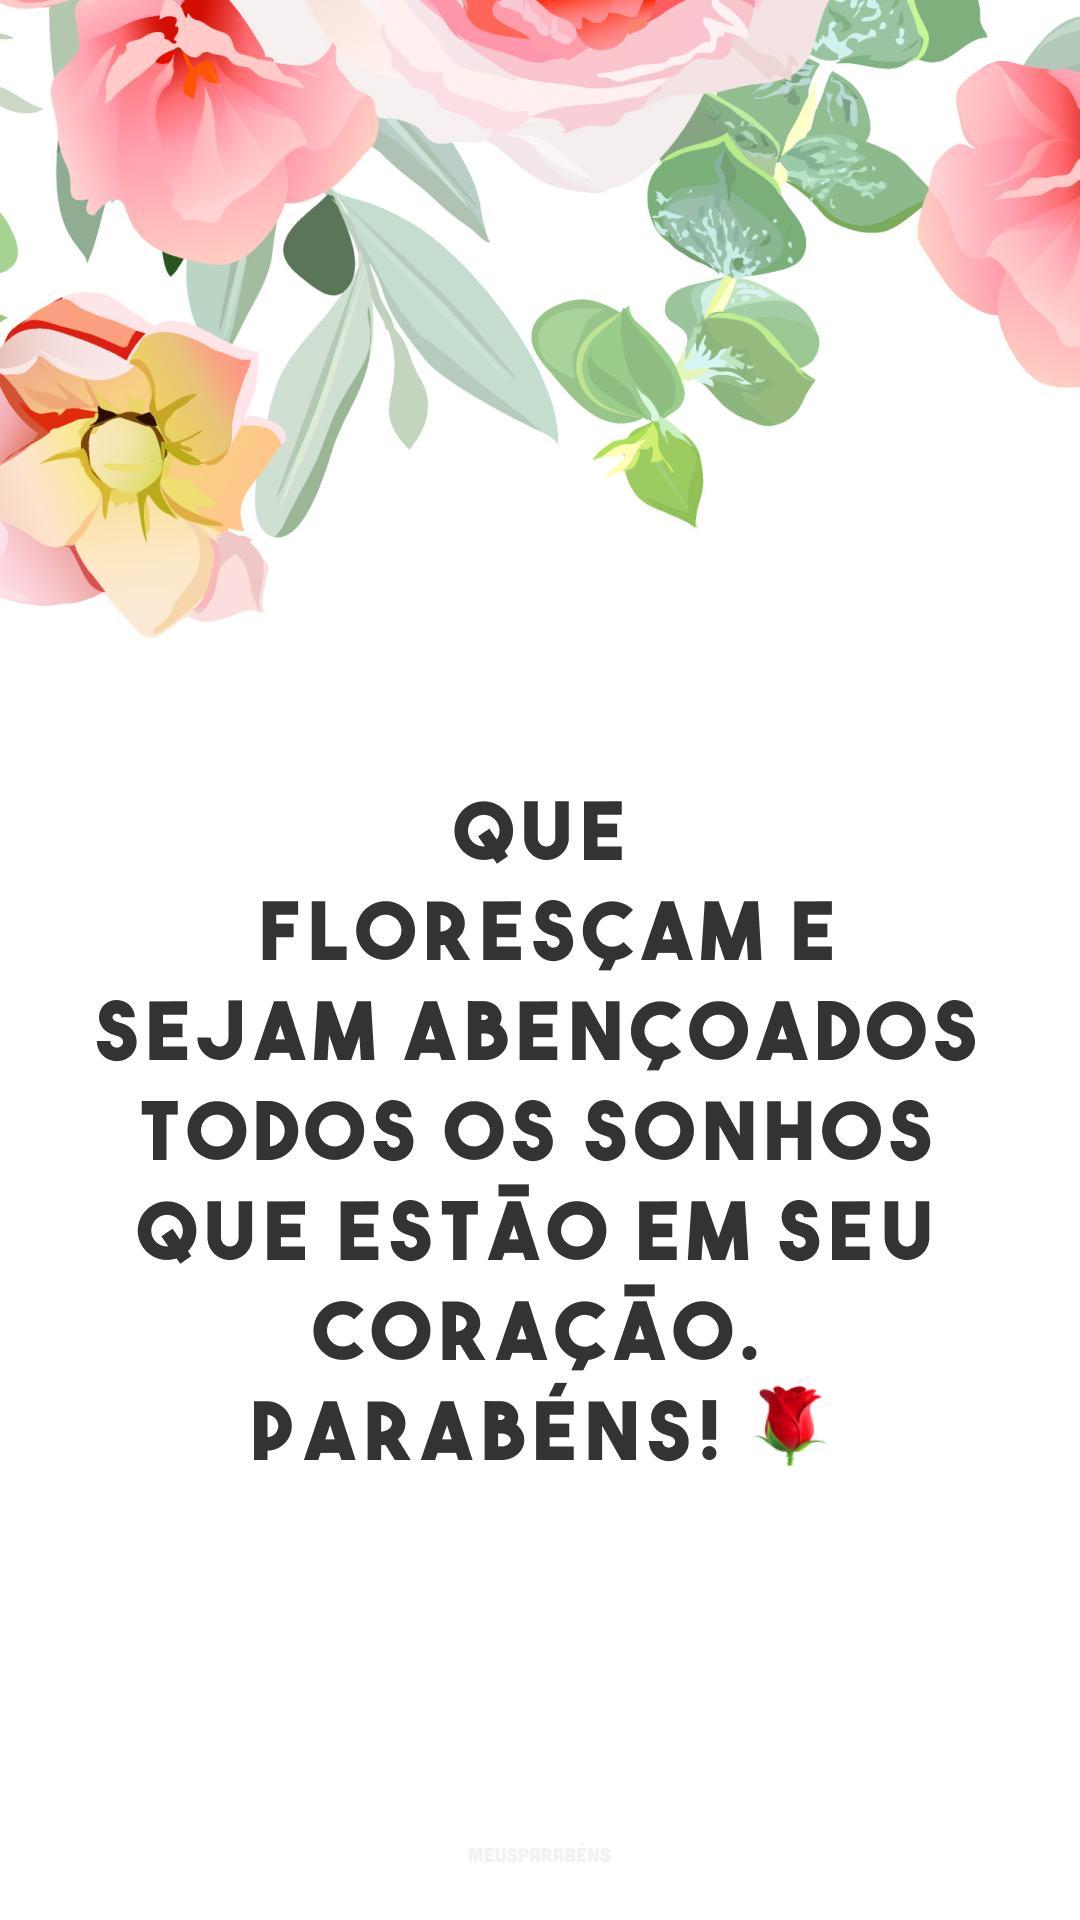 Que floresçam e sejam abençoados todos os sonhos que estão em seu coração. Parabéns! 🌹